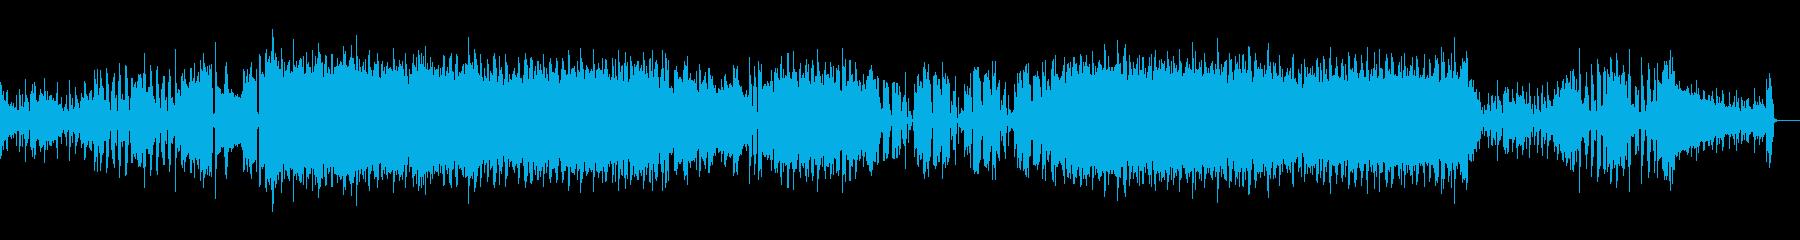 生演奏ギターによるポップロックの再生済みの波形